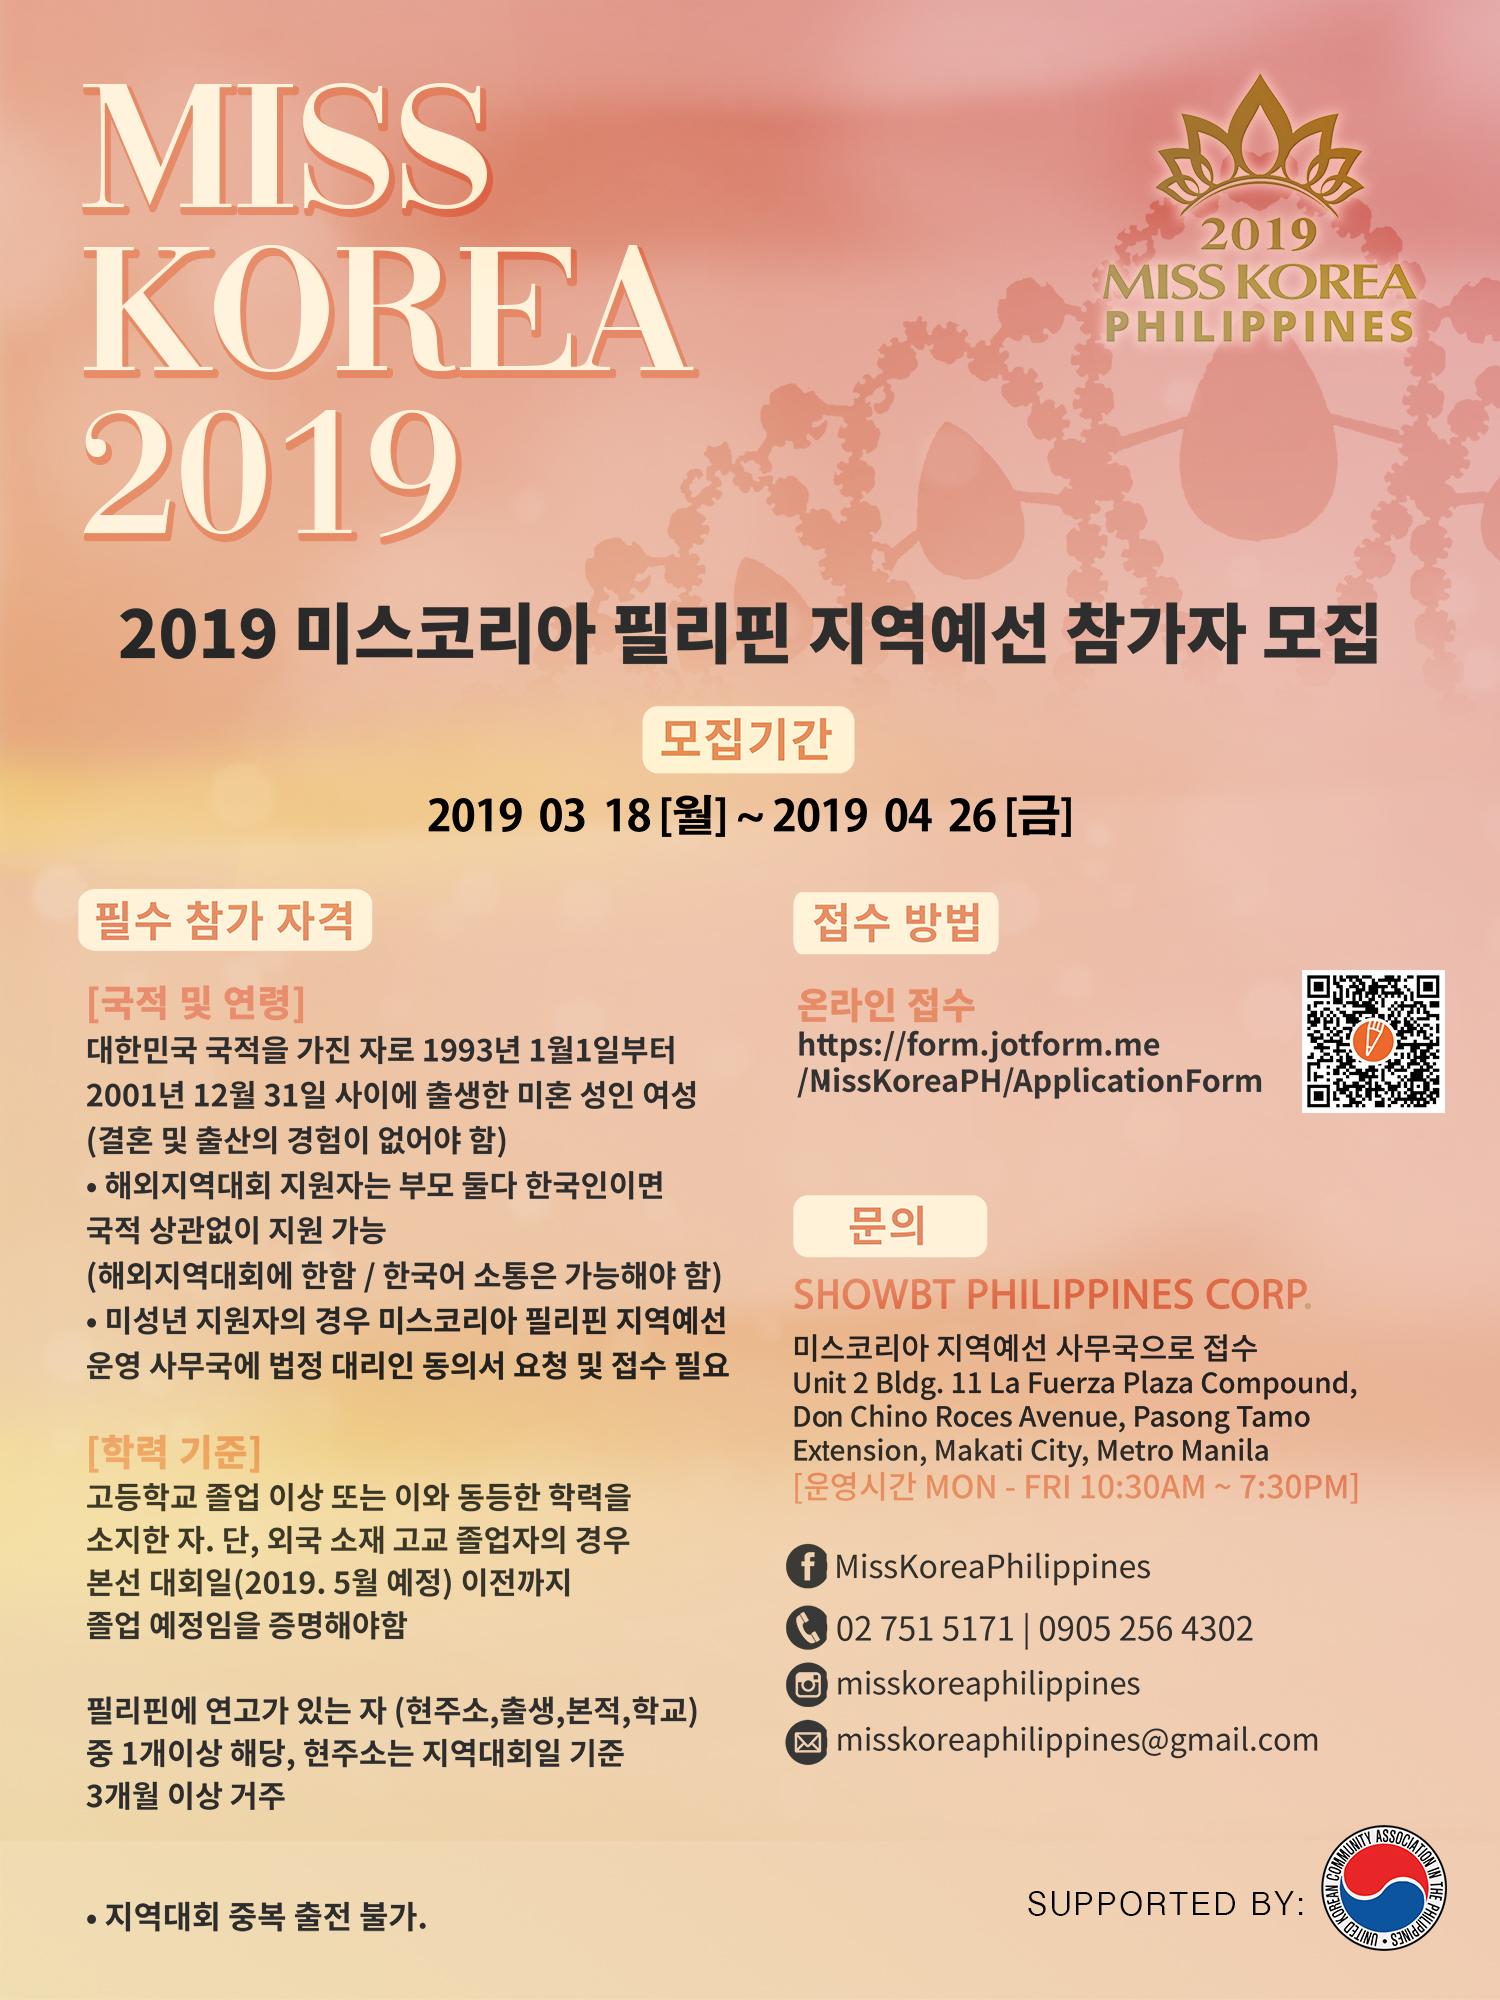 misskorea_ONLINE_KR_UKCA.jpg